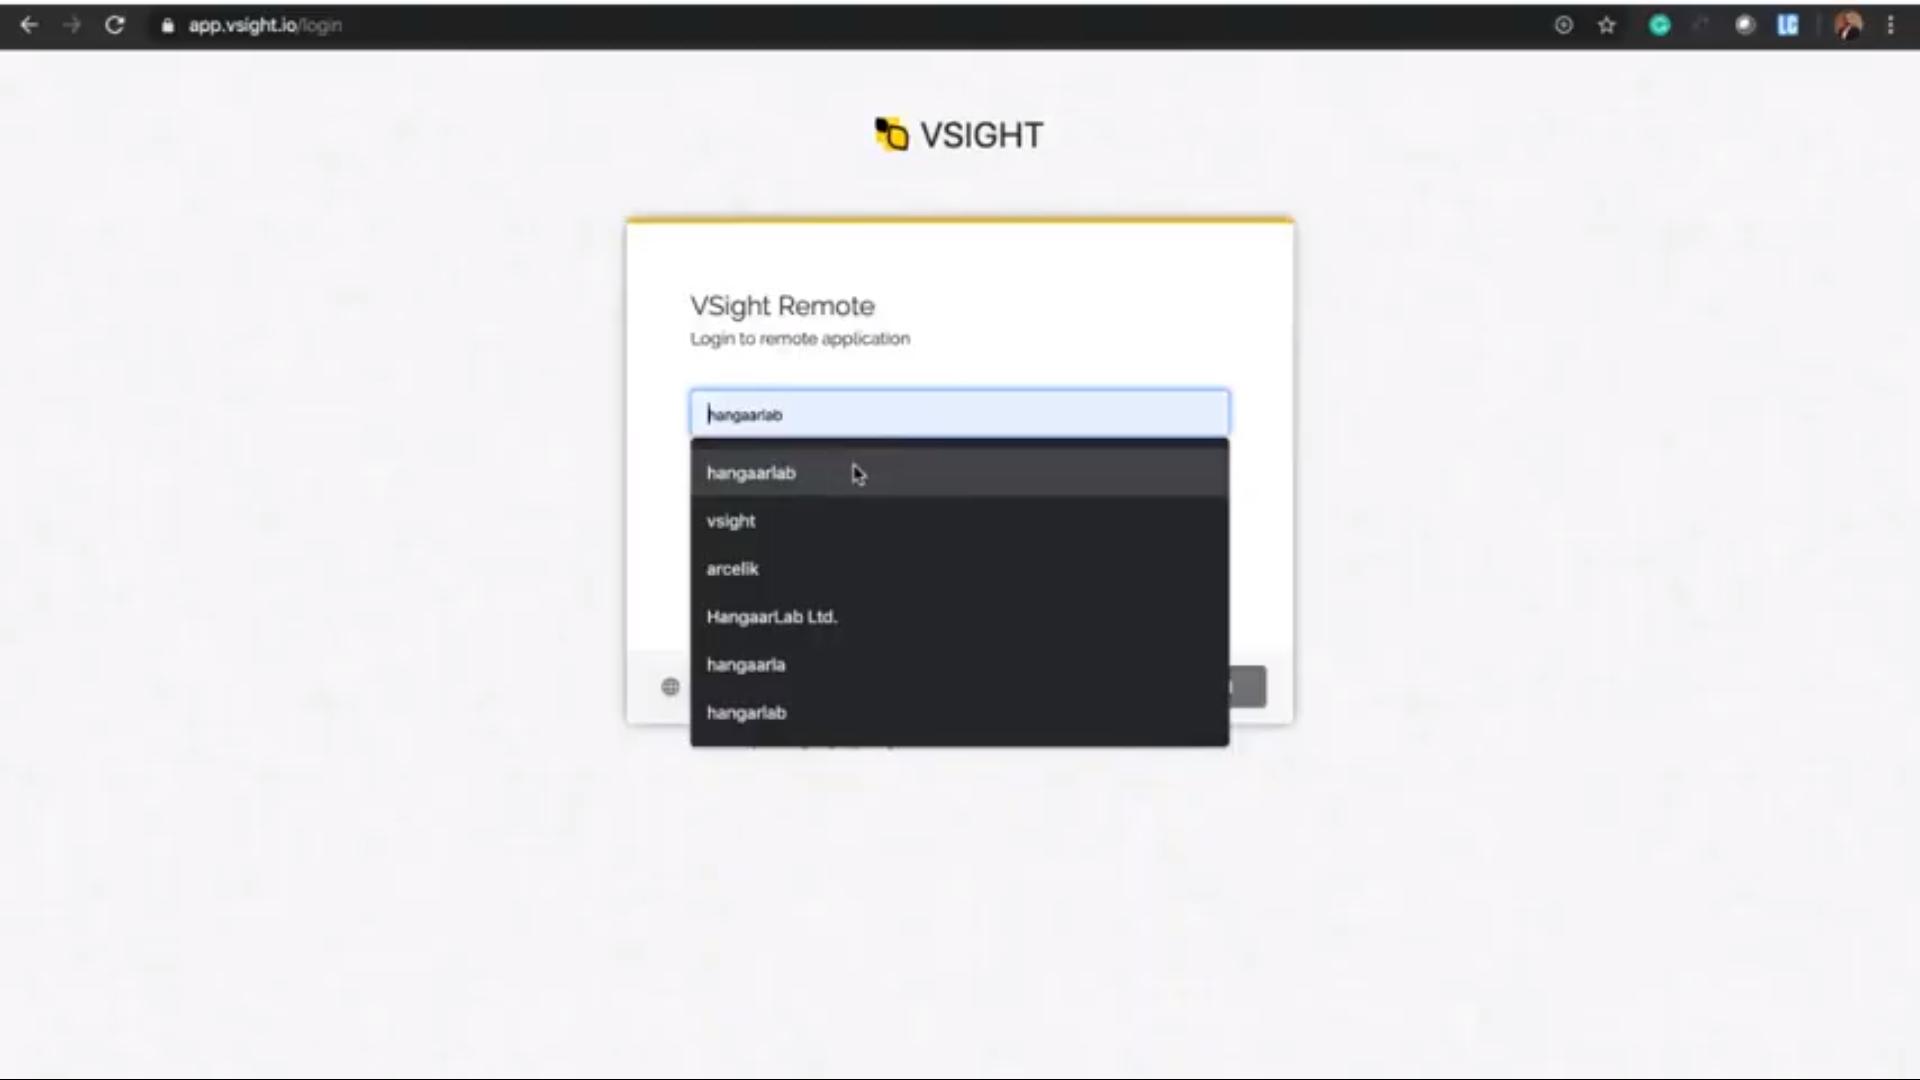 VSight Remote login